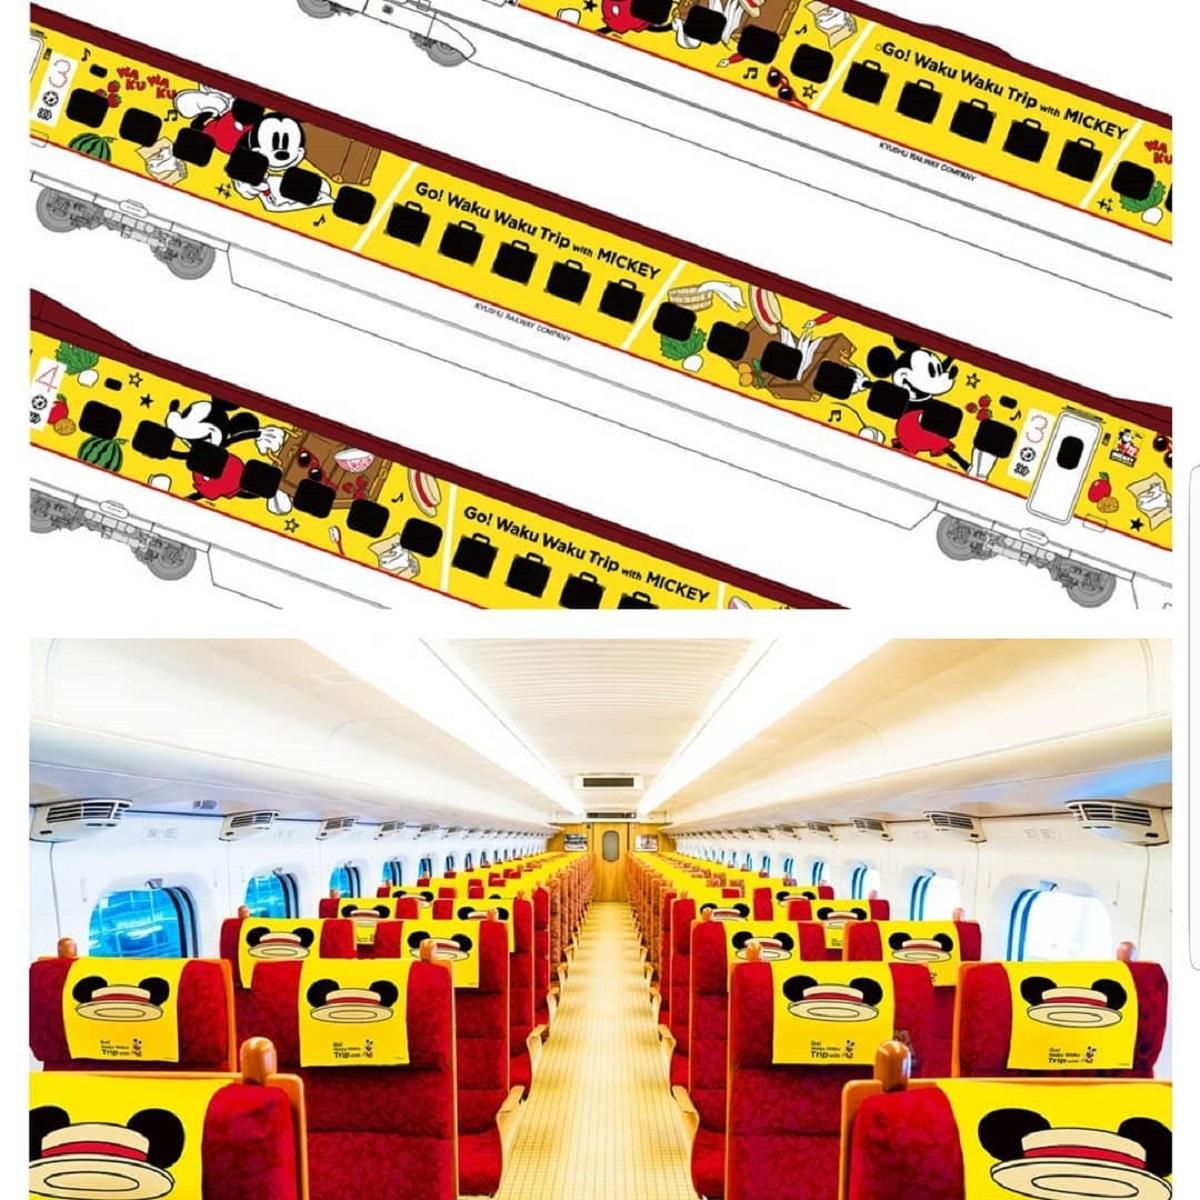 Giappone, in arrivo il treno di Topolino